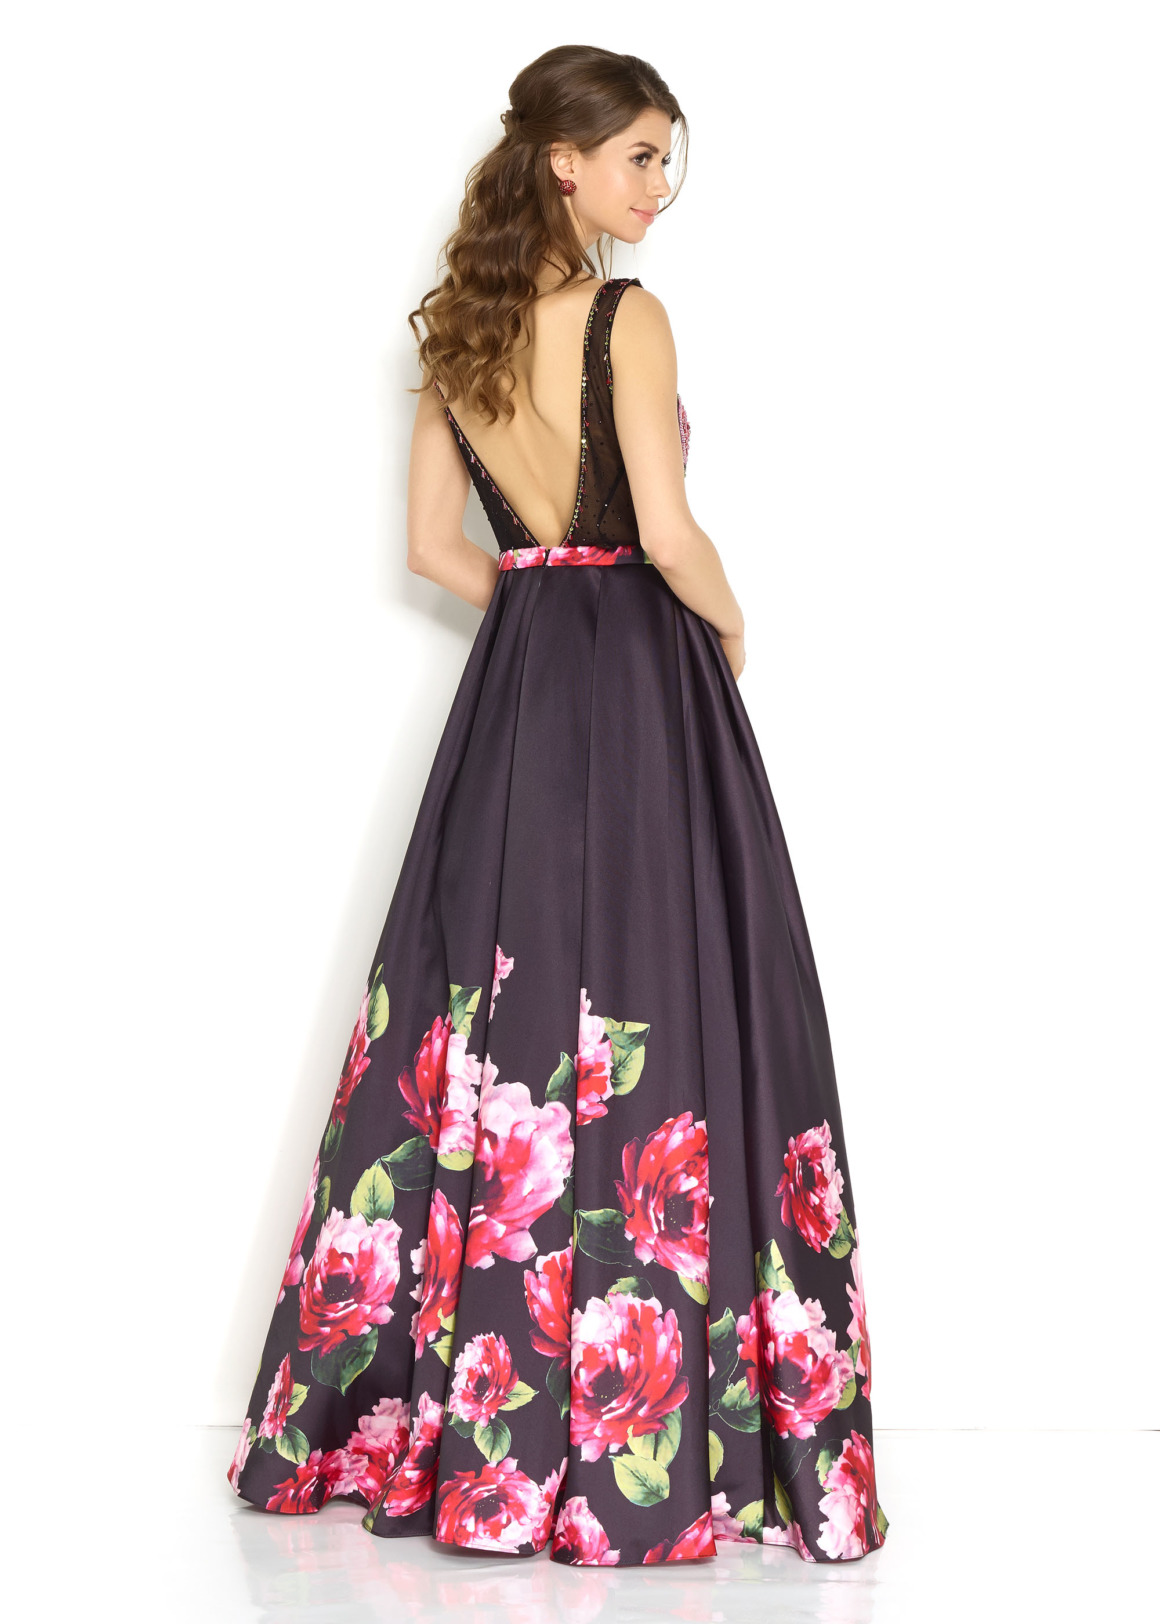 Schützenfest Königinnenkleid Hofdamen Hofstaat langes Ballkleid schwarz mit Blumendruck Print Oberteil mit Stickerei sehr ausgefallen langes Kleid Rücken V Ausschnitt